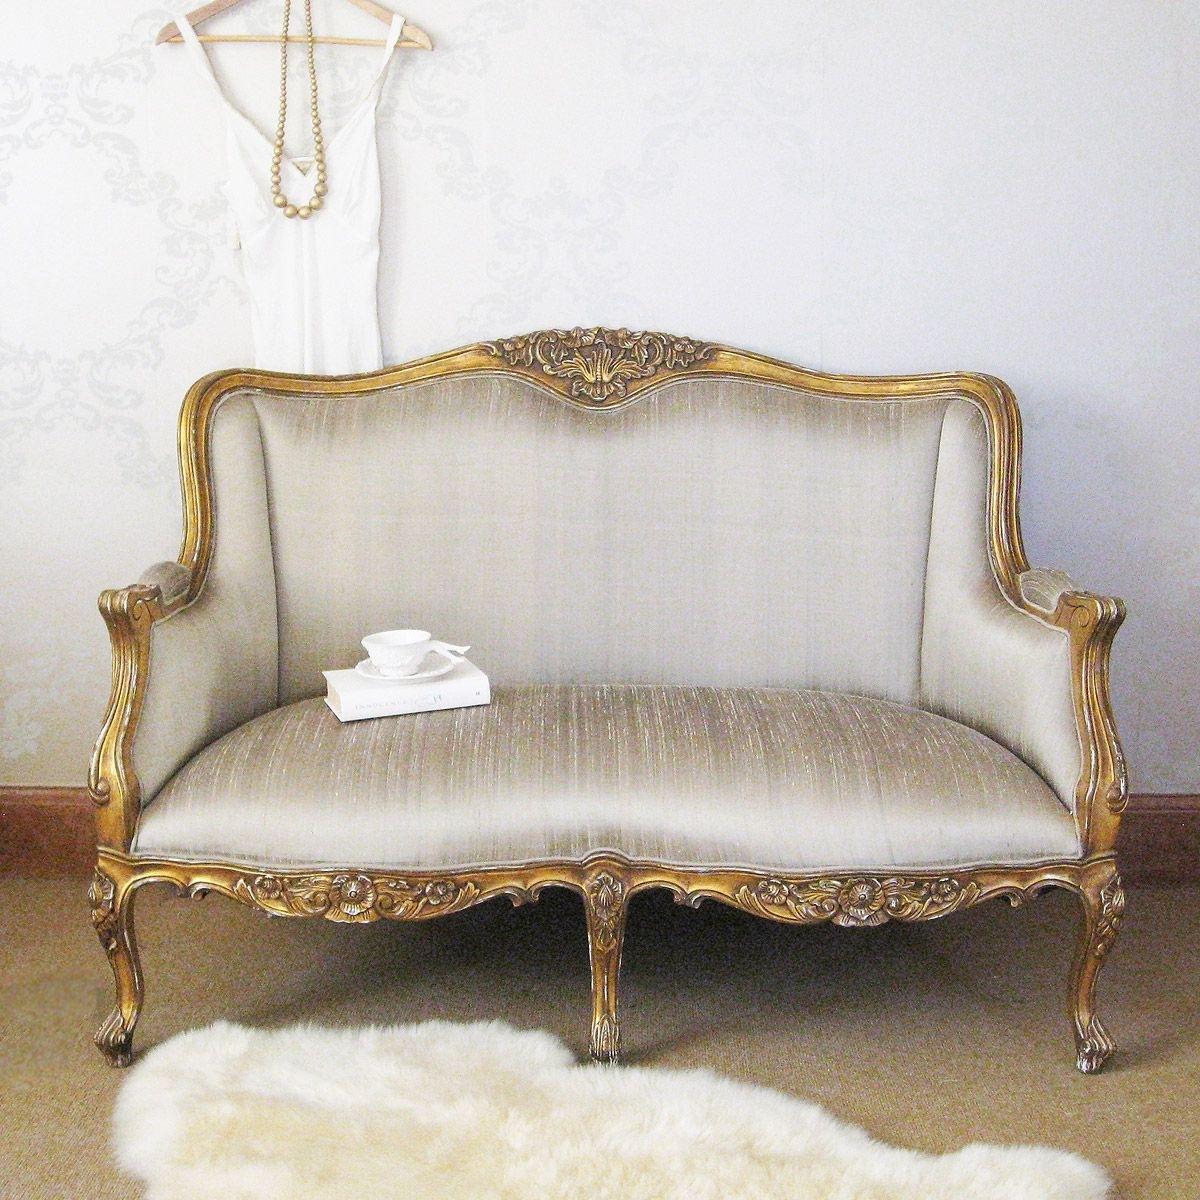 Versailles Gold Bedroom Sofa | Bedroom Sofa, Versailles And Sofa Sofa Pertaining To Bedroom Sofas (Image 10 of 10)